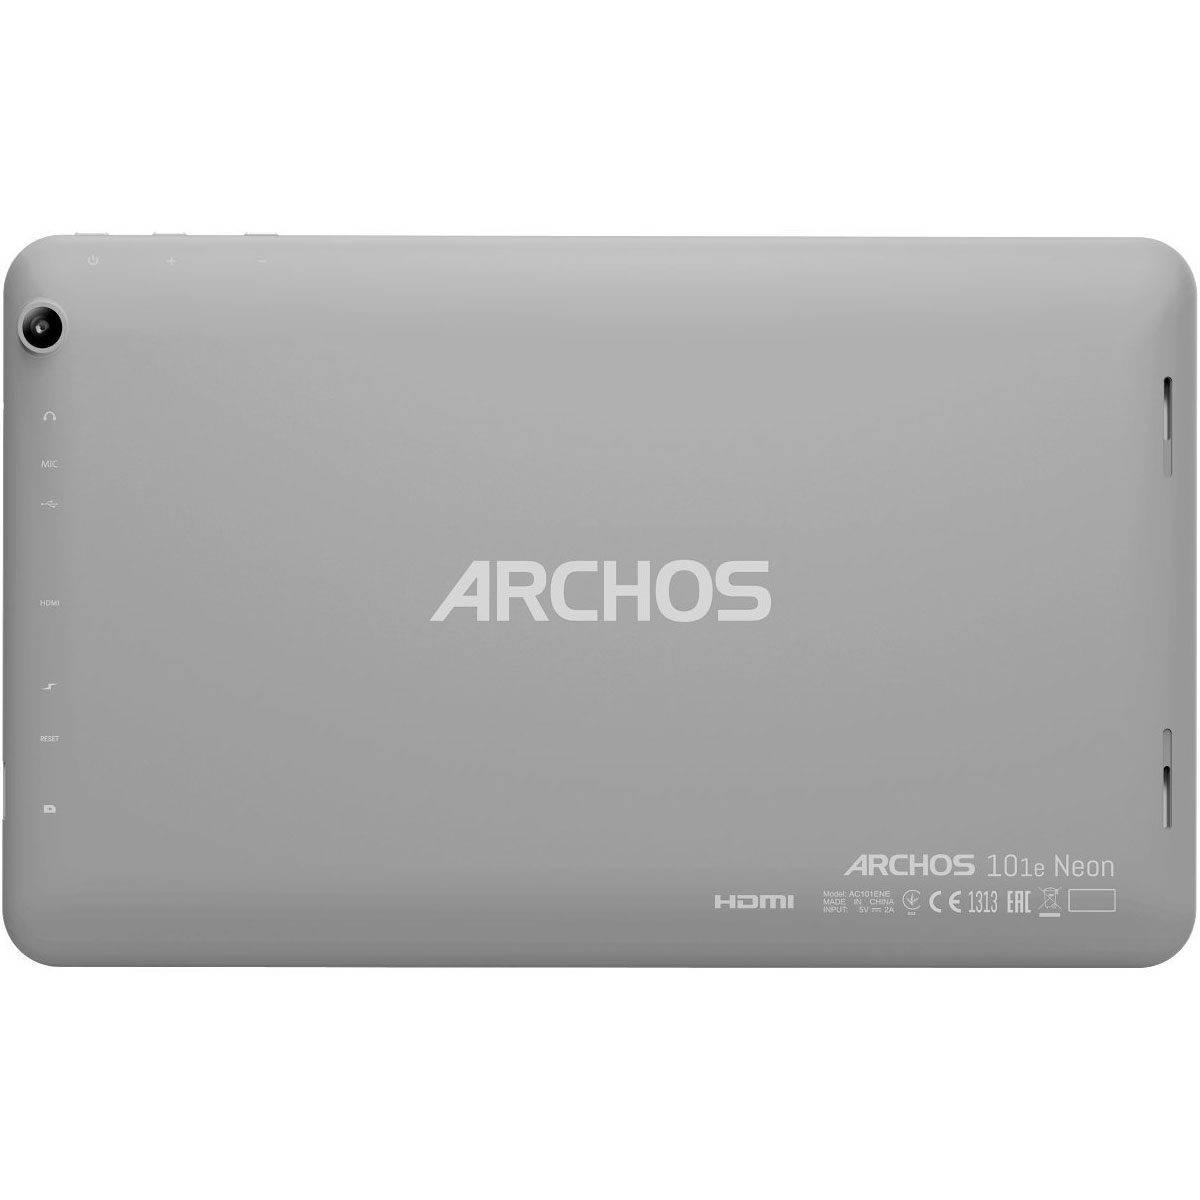 archos 101e neon 16 go tablette tactile archos sur. Black Bedroom Furniture Sets. Home Design Ideas